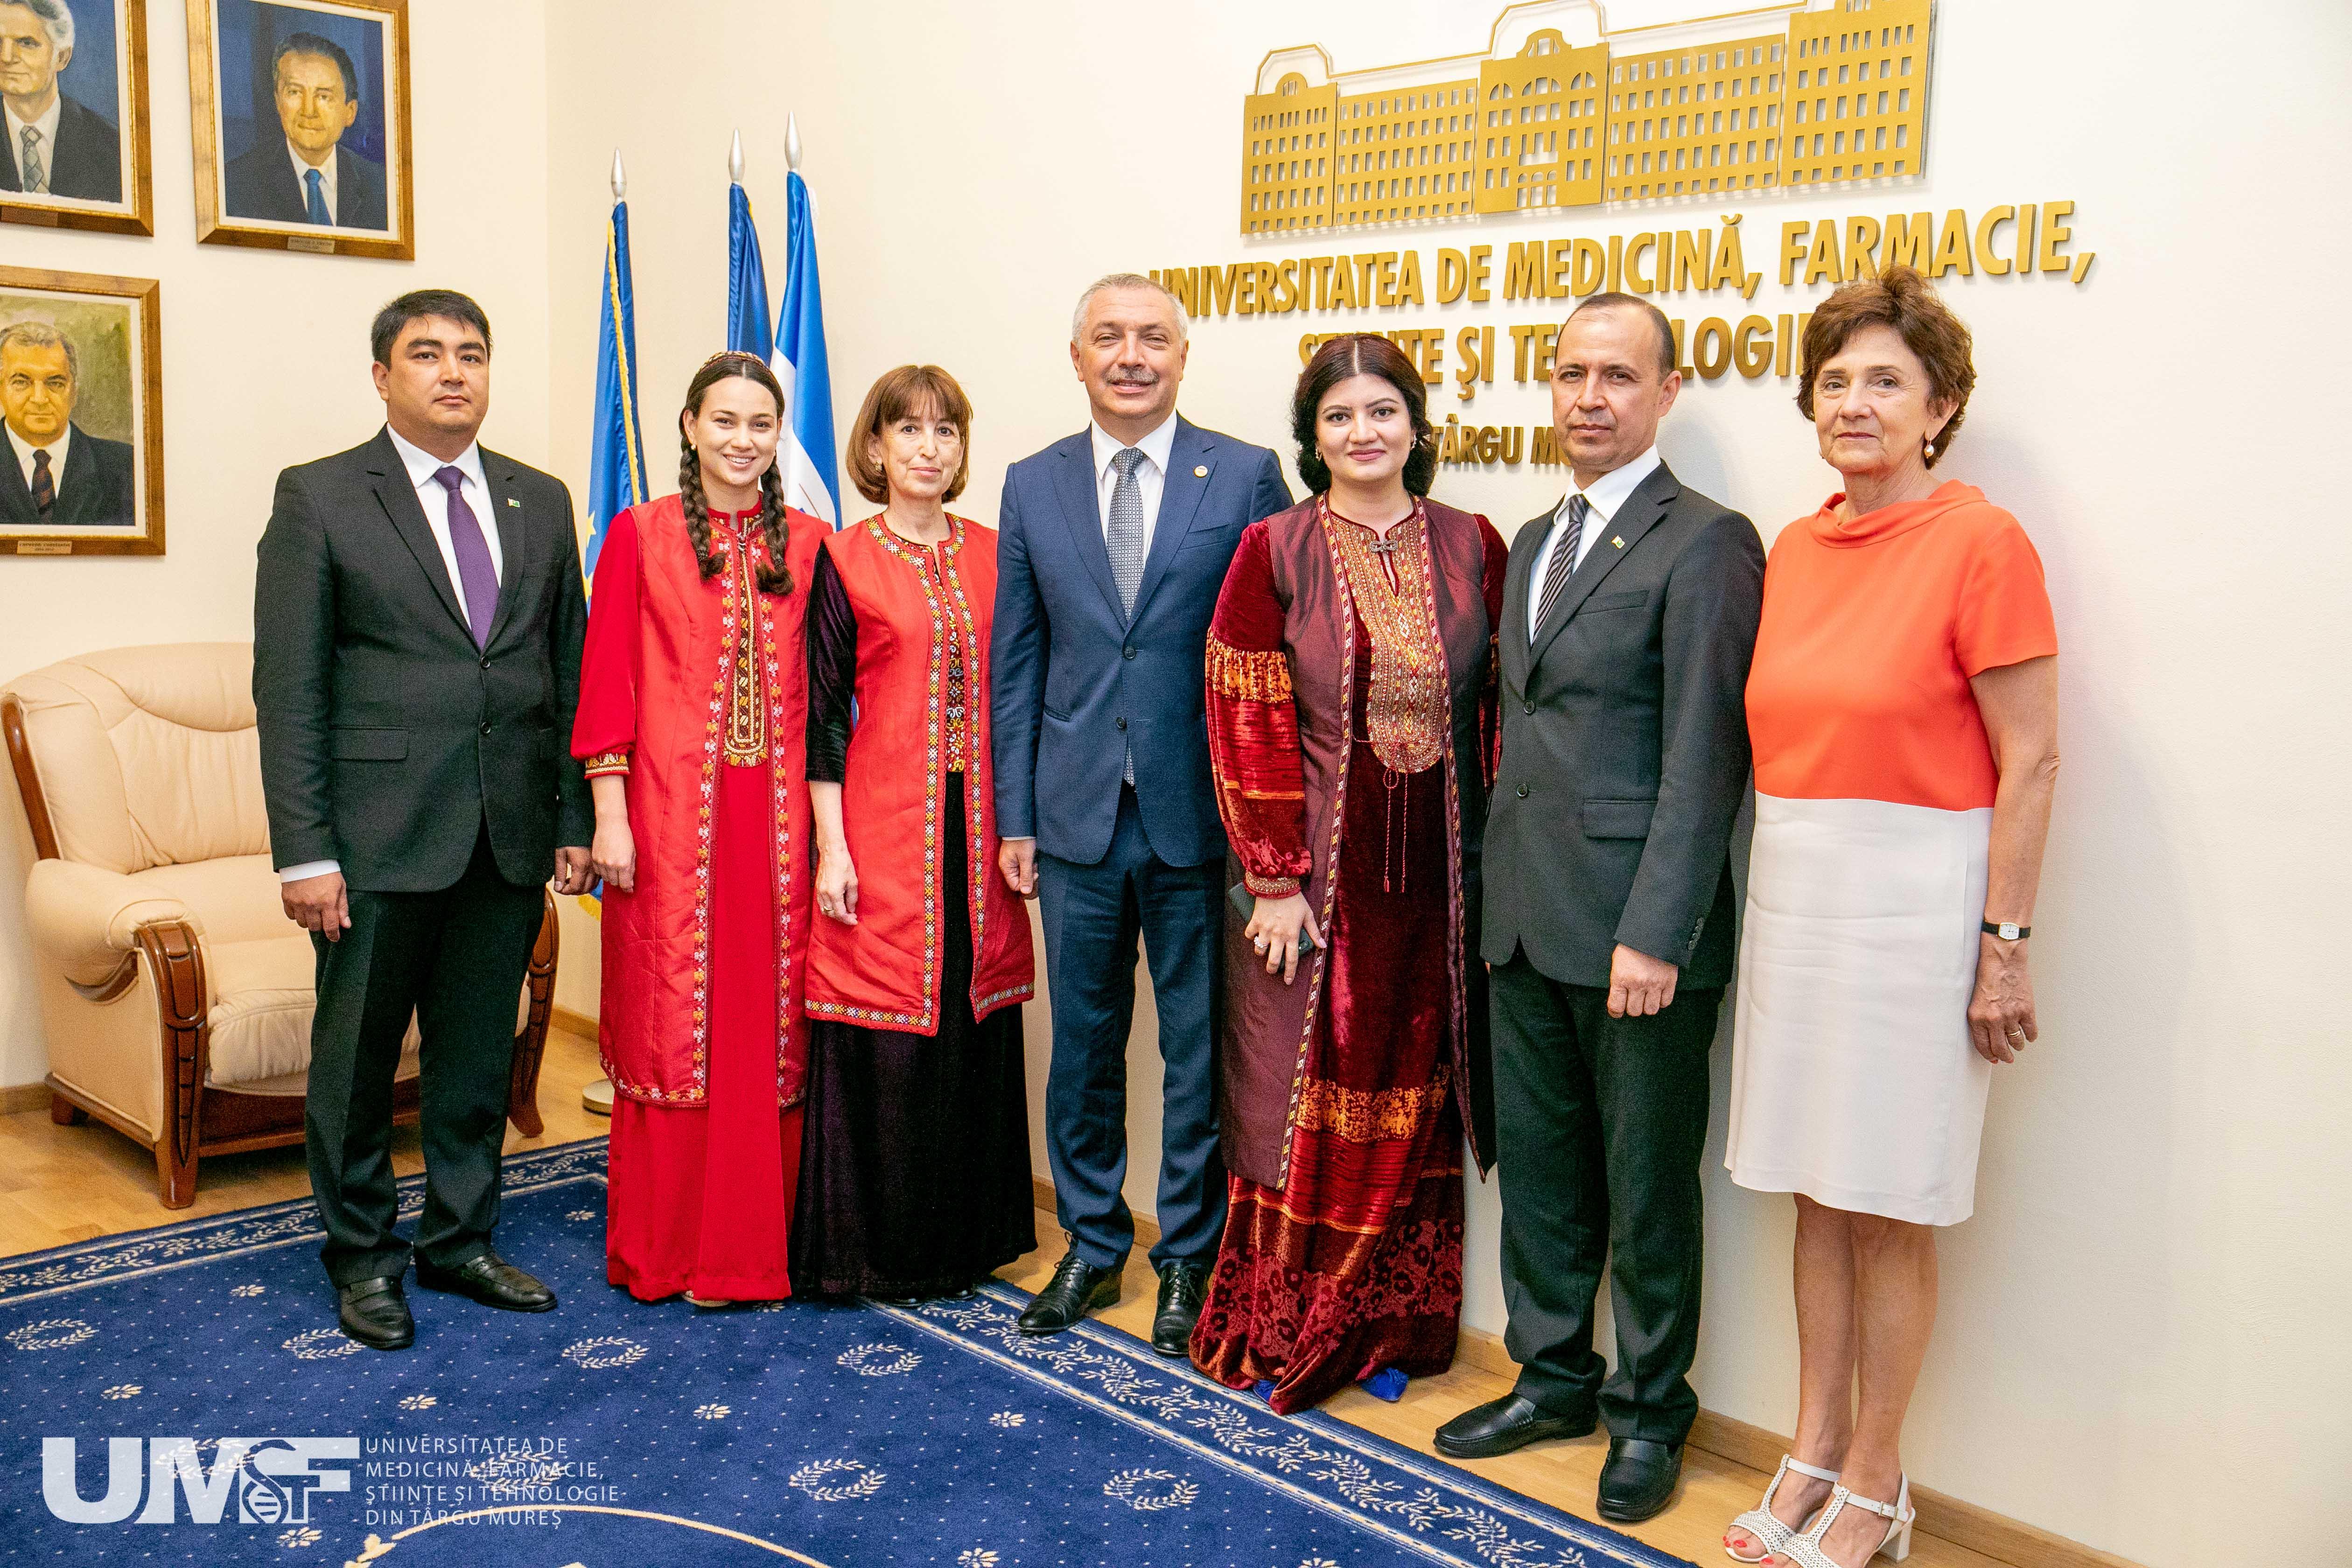 Delegație universitară din Turkmenistan, în vizită la UMFST Târgu Mureș